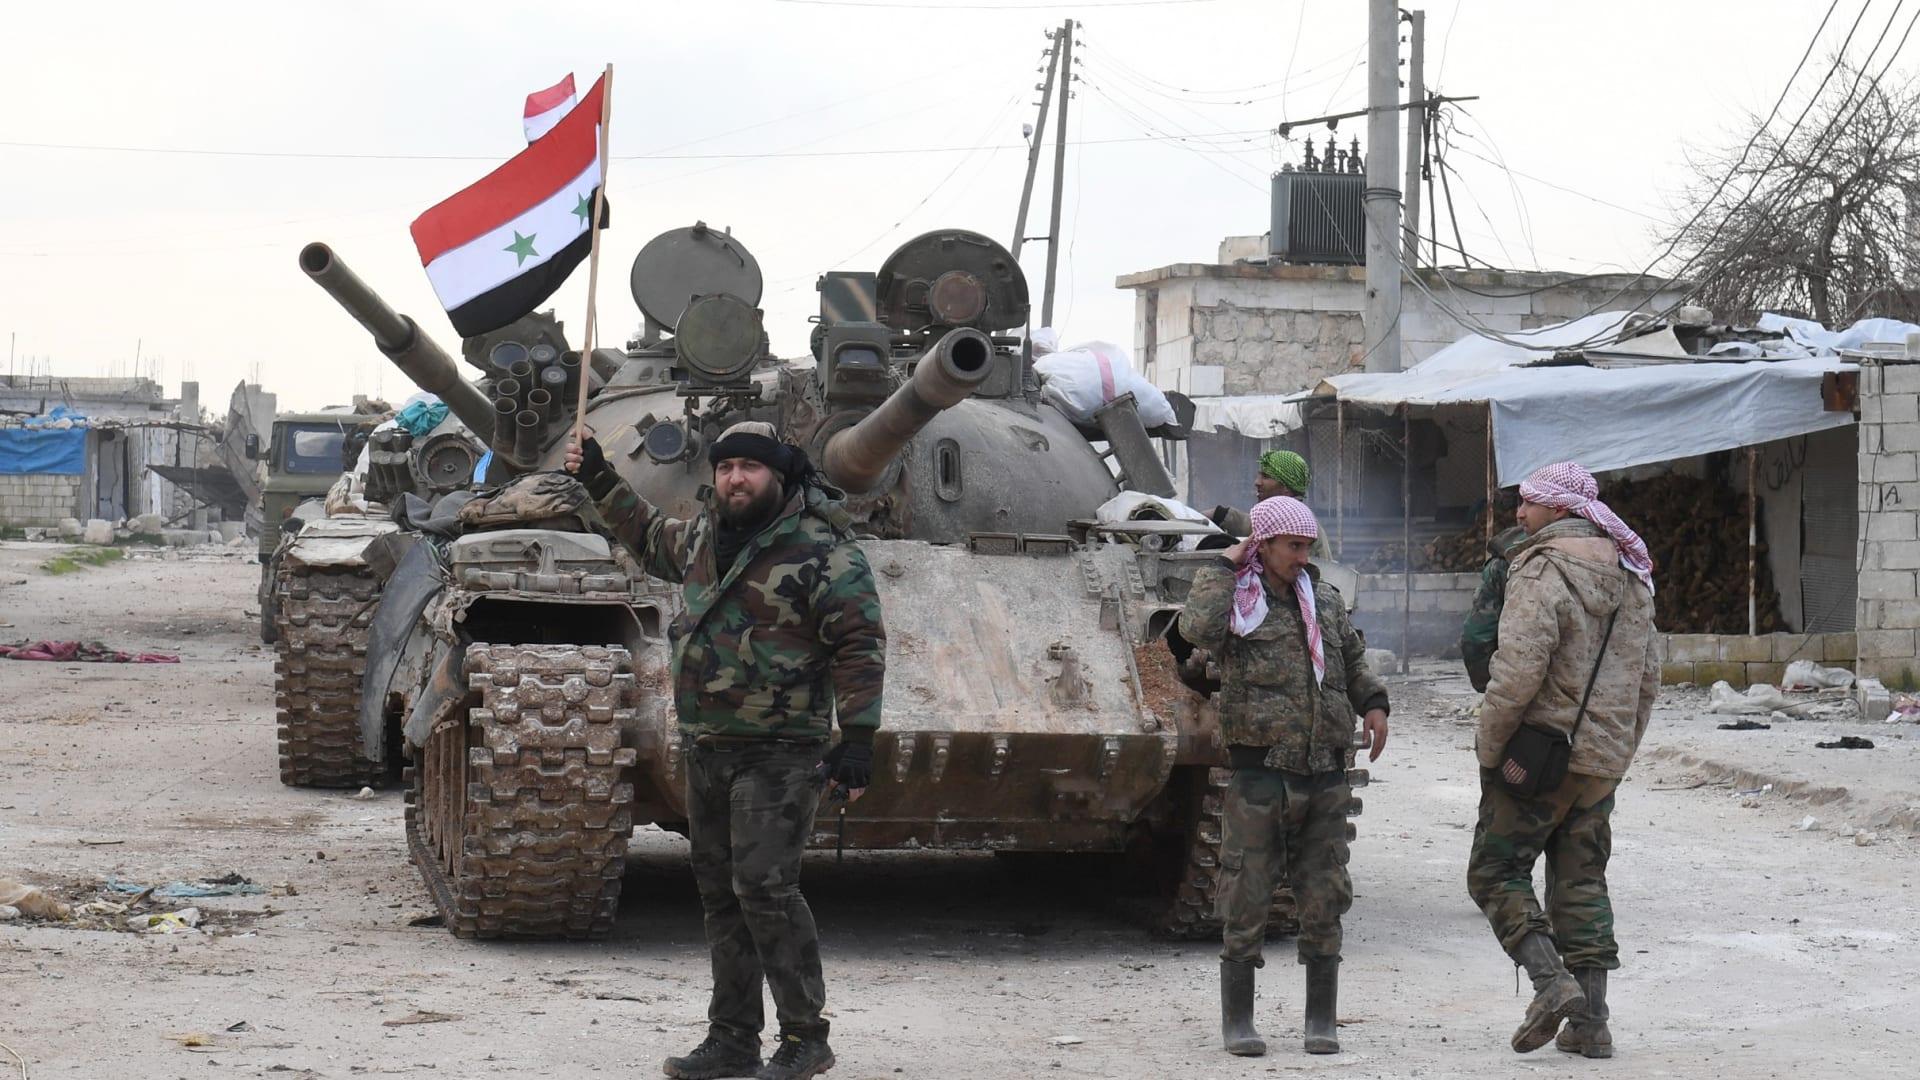 """سوريا تؤكد مواصلة الرد على """"اعتداءات المحتل التركي"""": سنواصل تنفيذ المهام الدستورية والوطنية"""